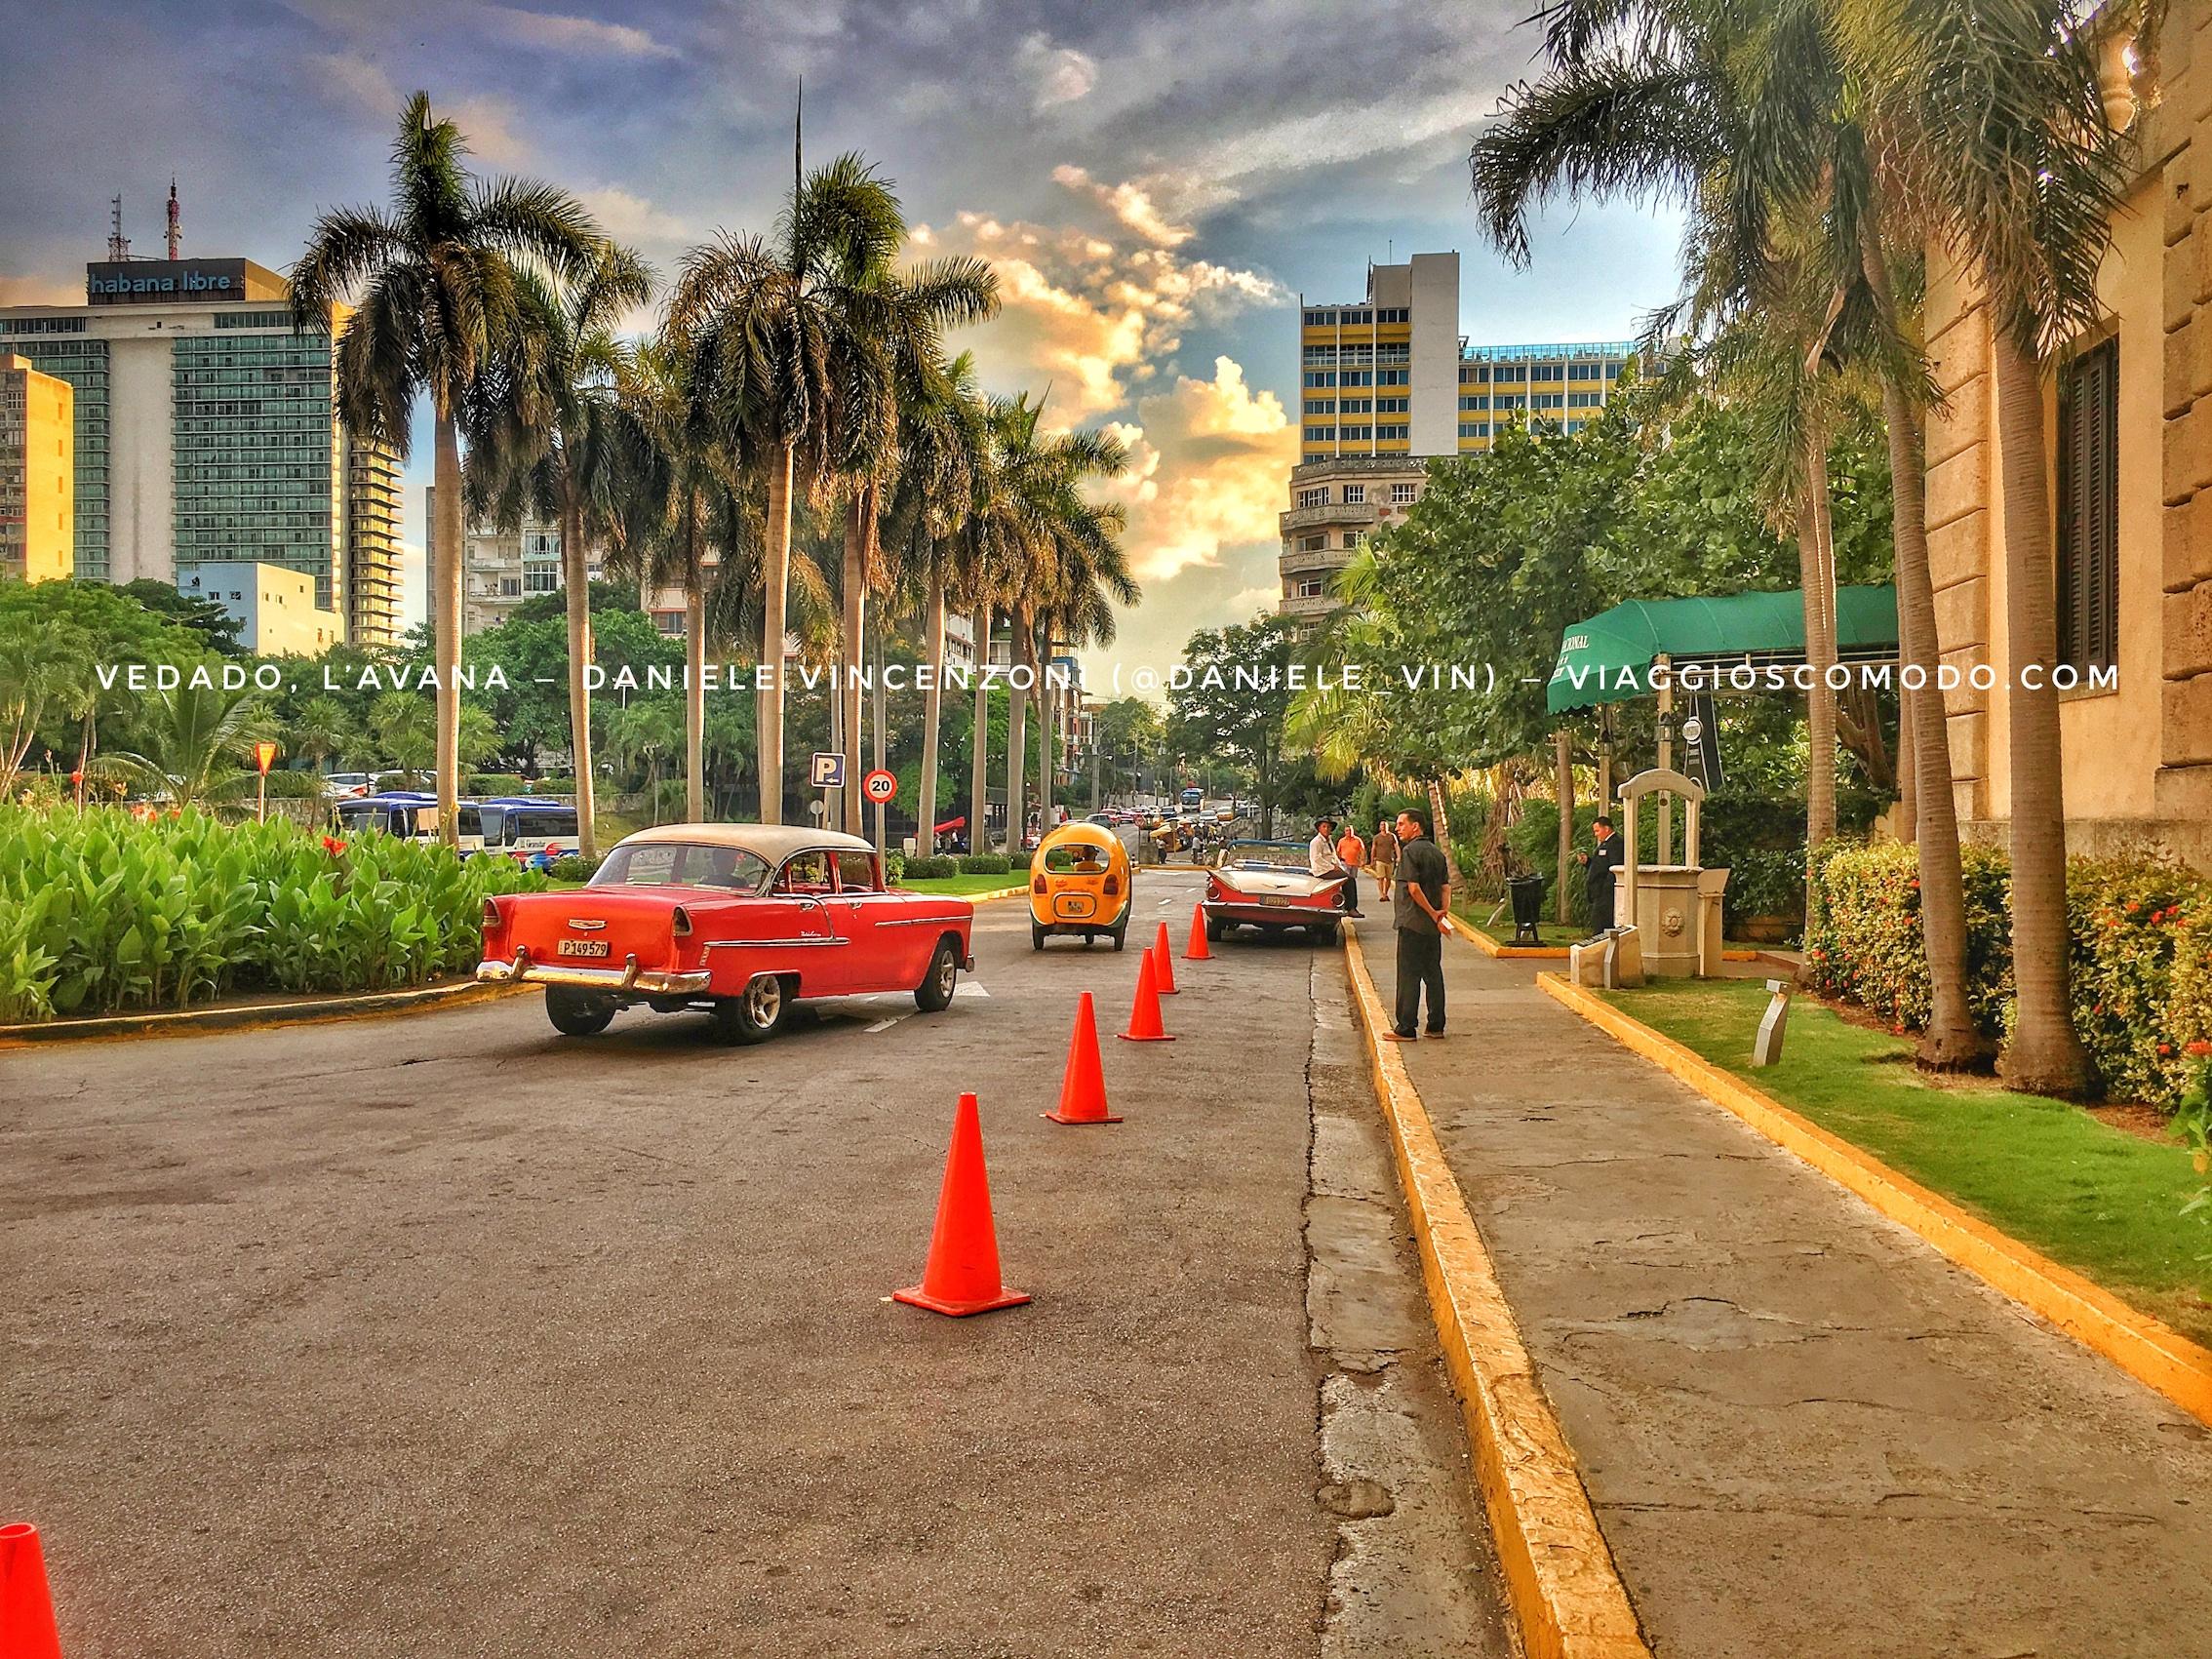 Vedado - L'Avana - Cuba